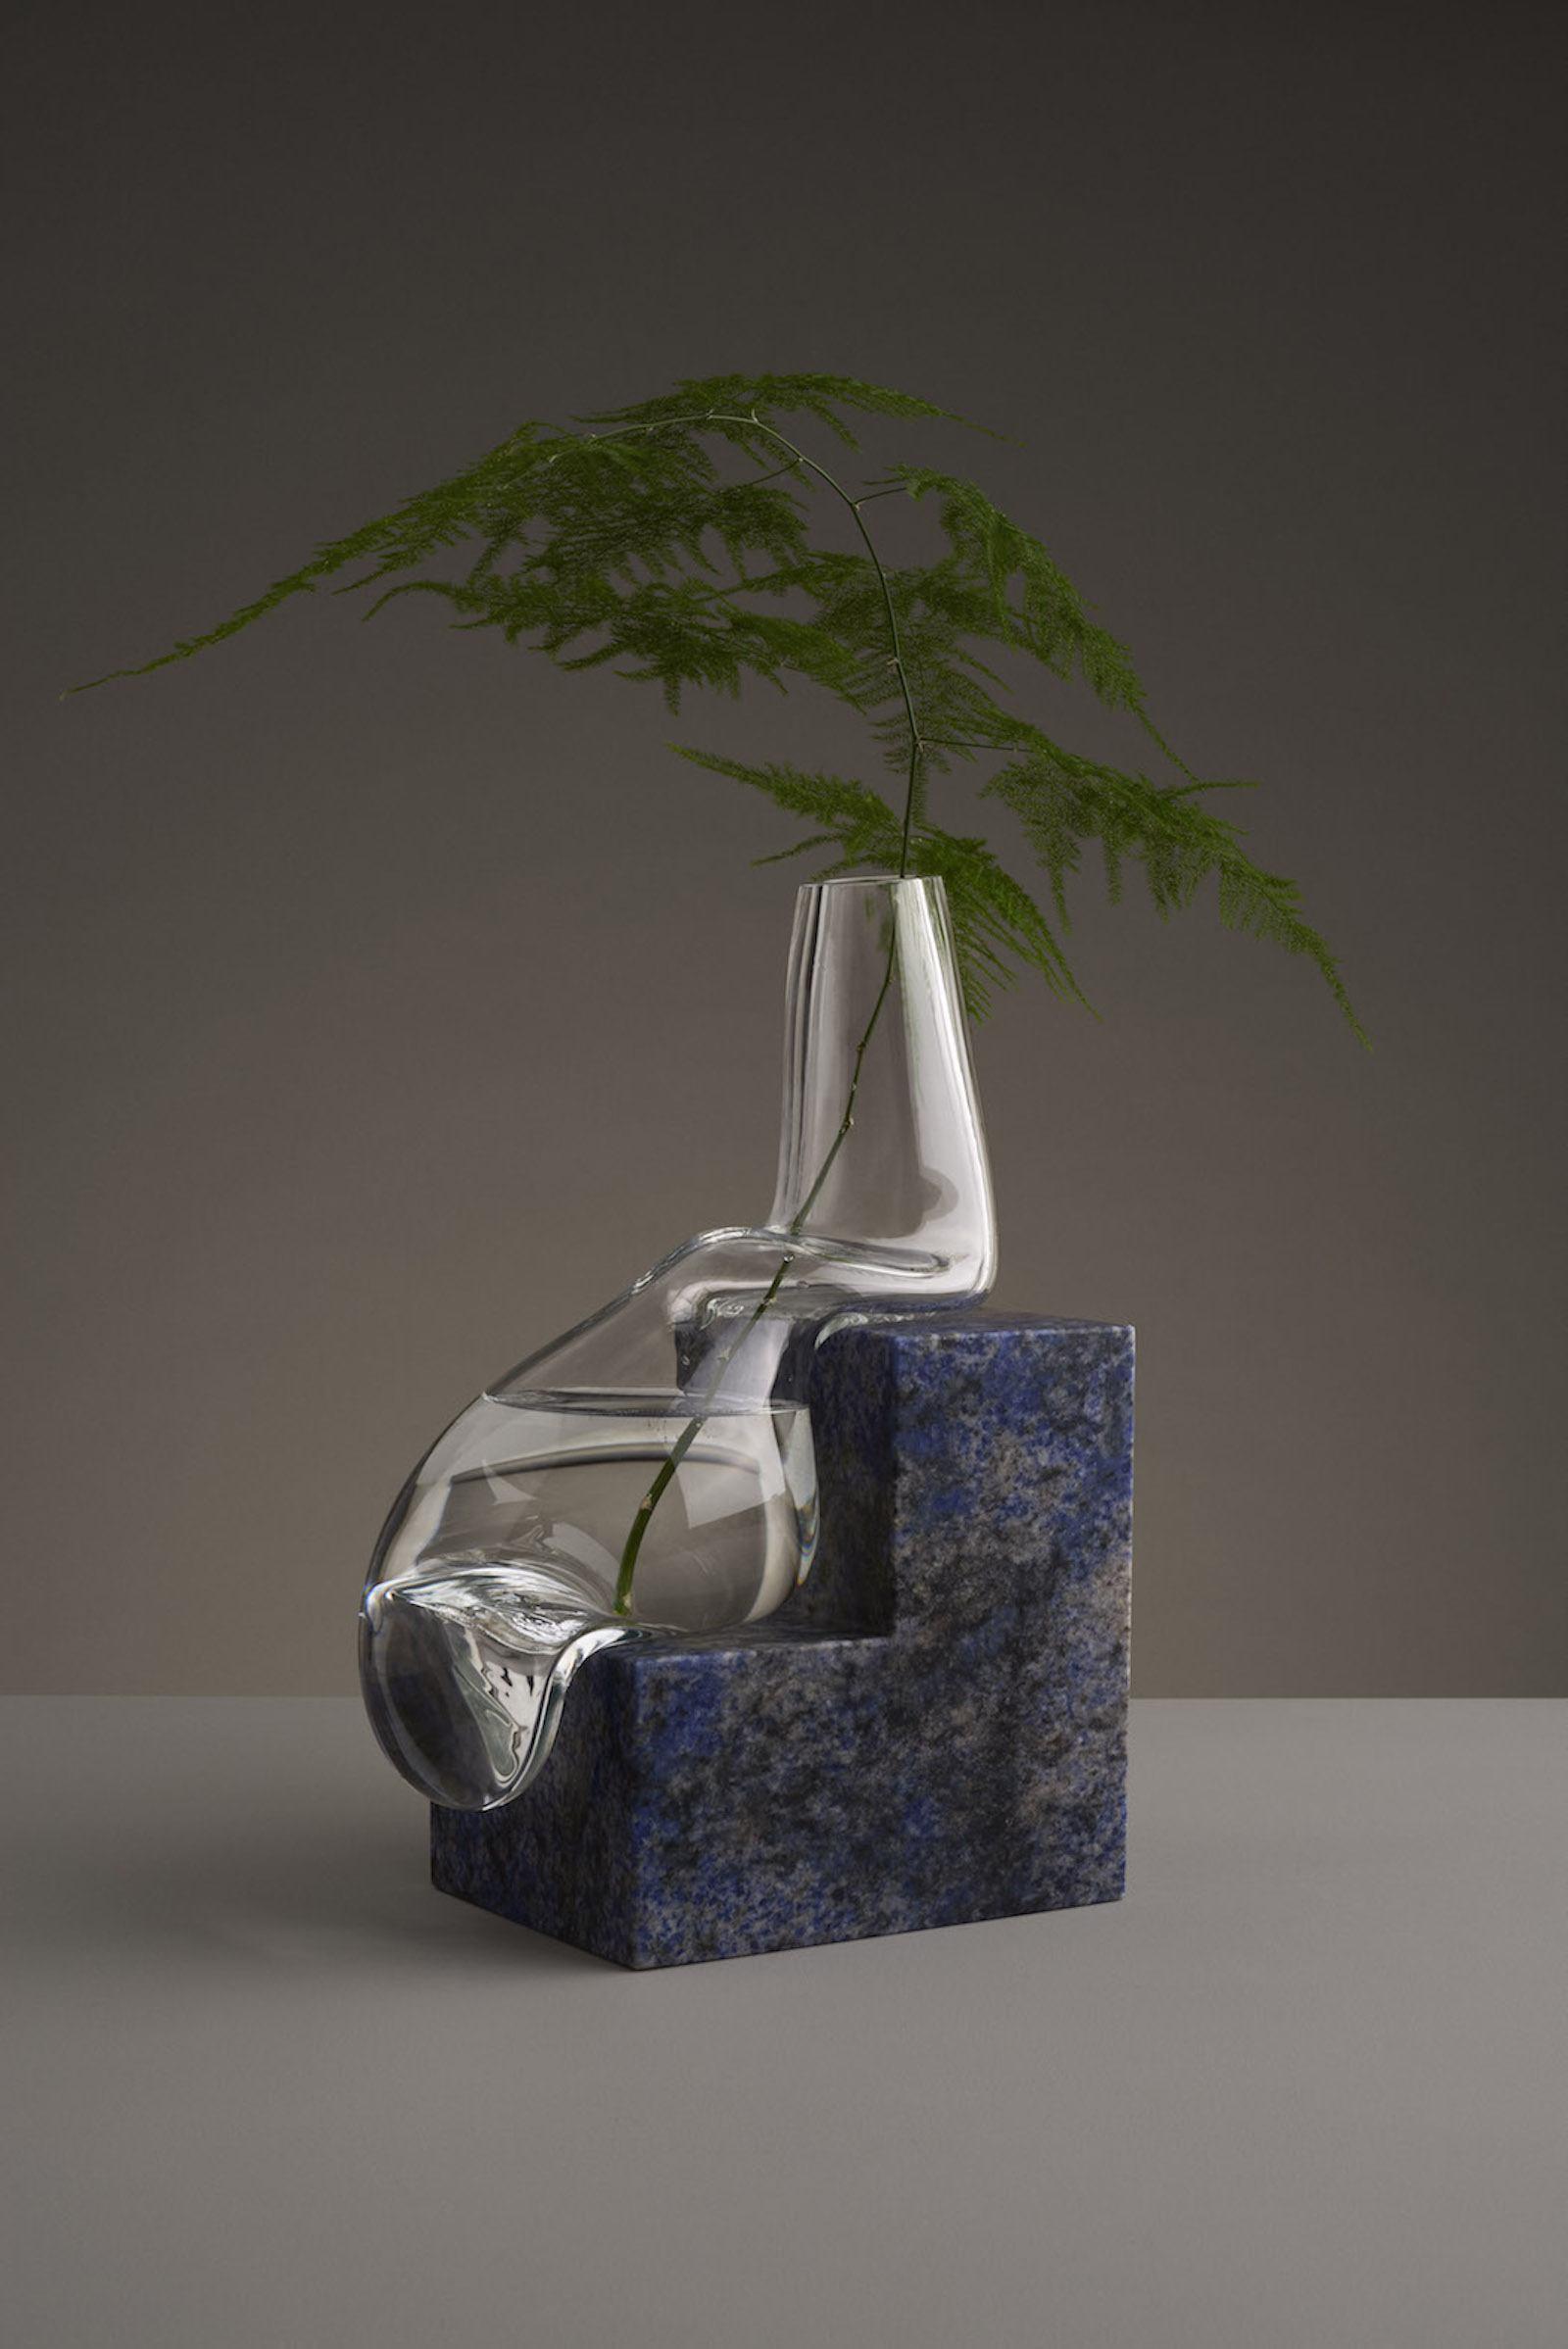 Design-Indefinite-Vases-Stuio-EO-38